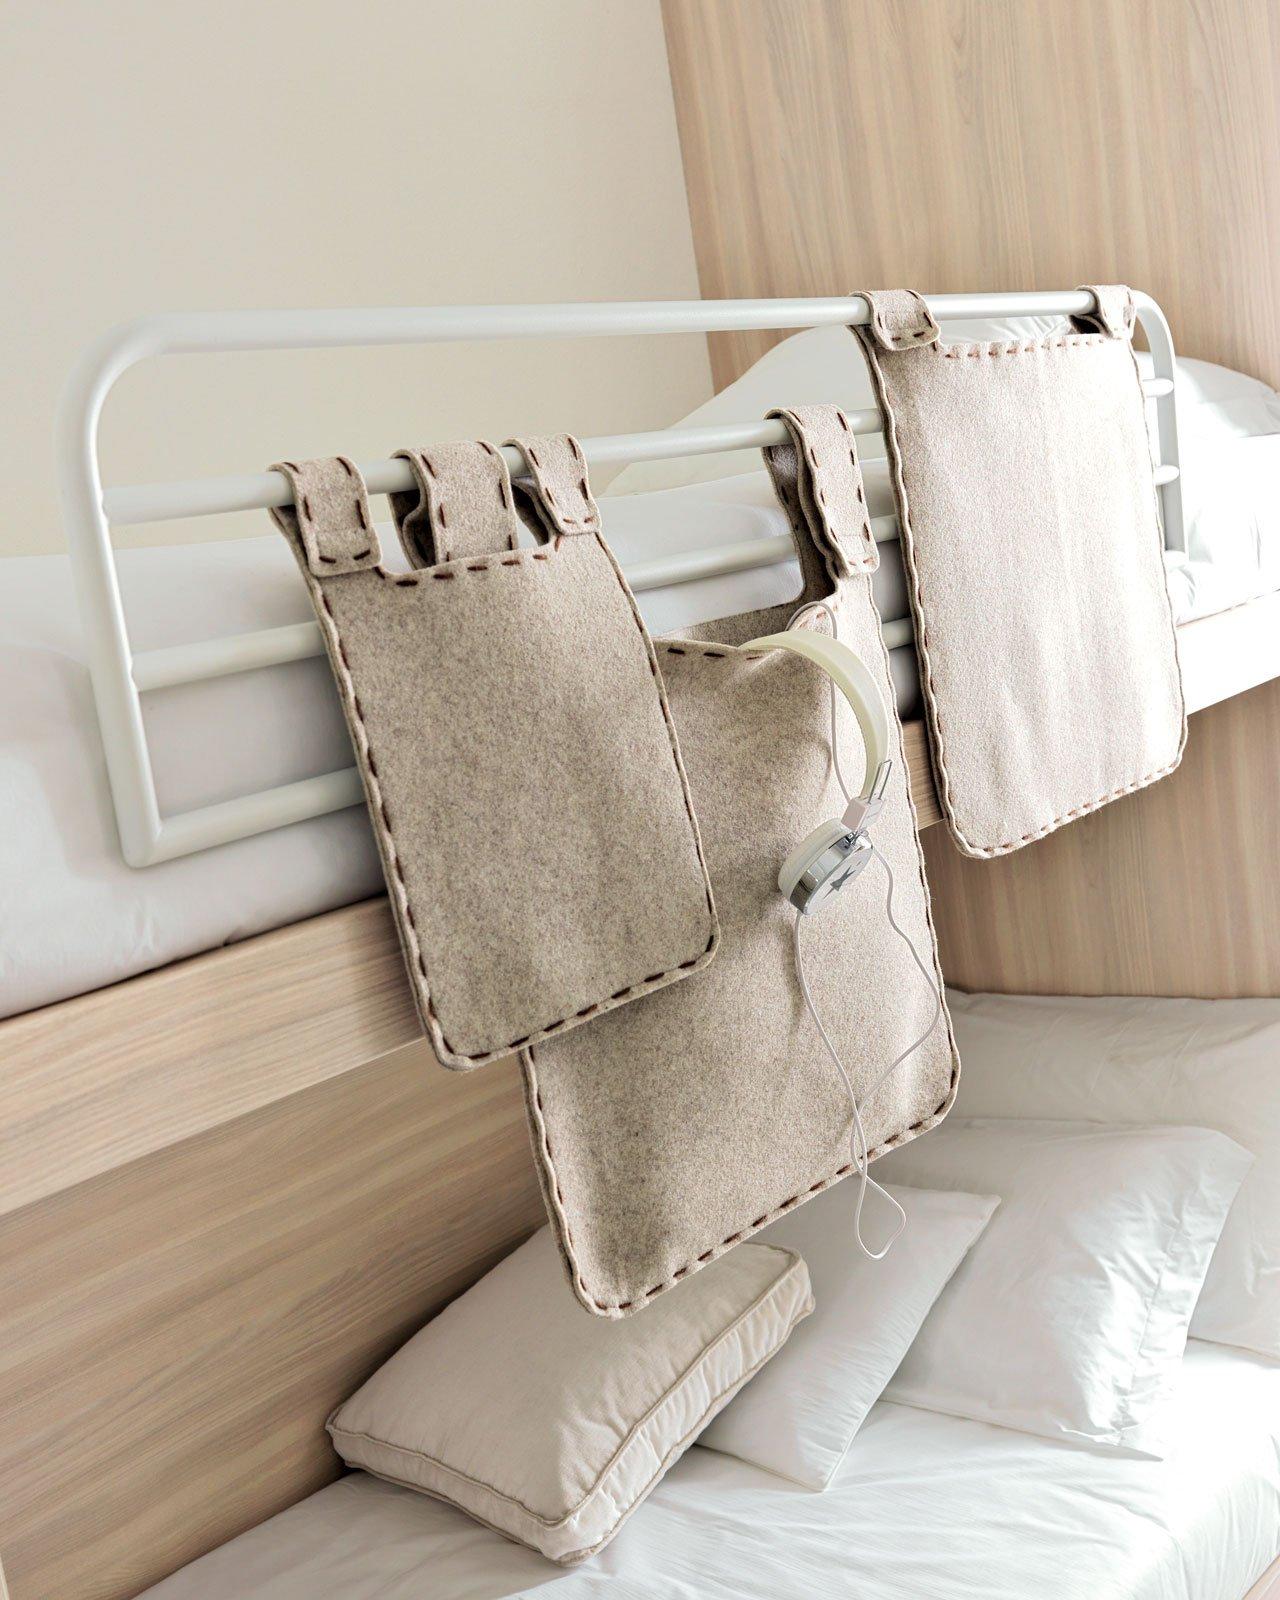 Mobili e accessori salvaspazio per la camera da letto - Camera da letto regalo ...